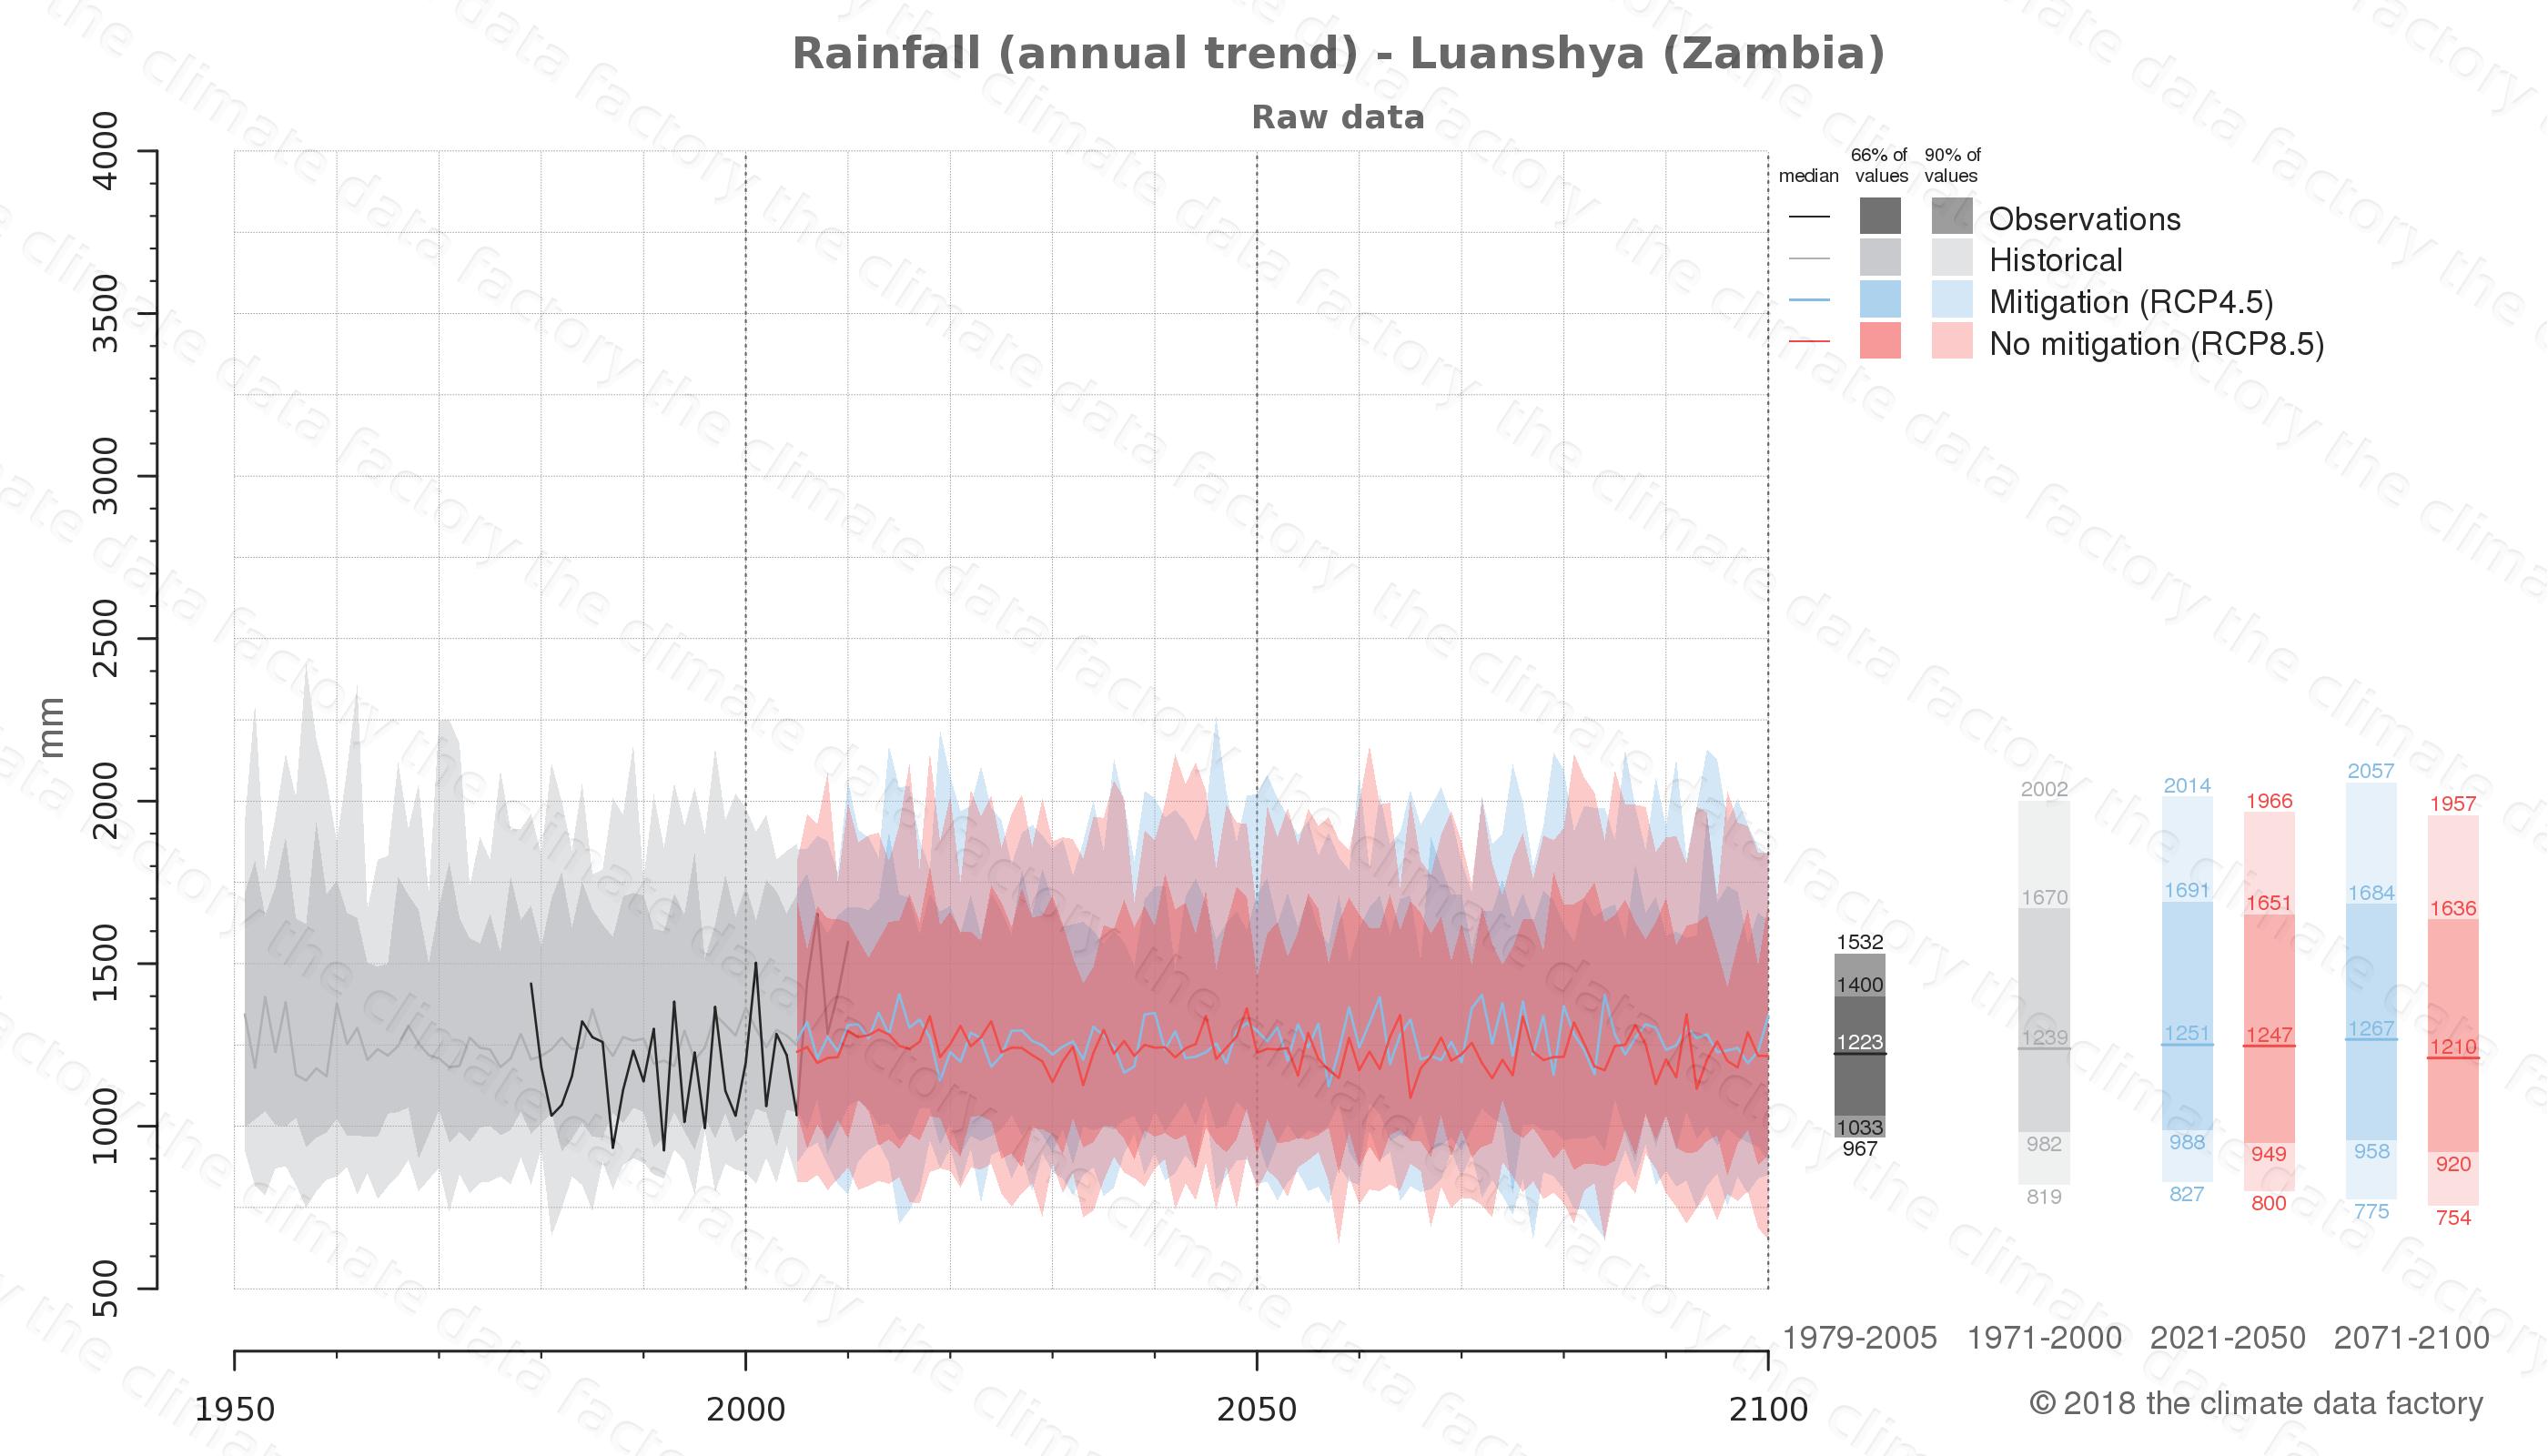 climate change data policy adaptation climate graph city data rainfall luanshya zambia